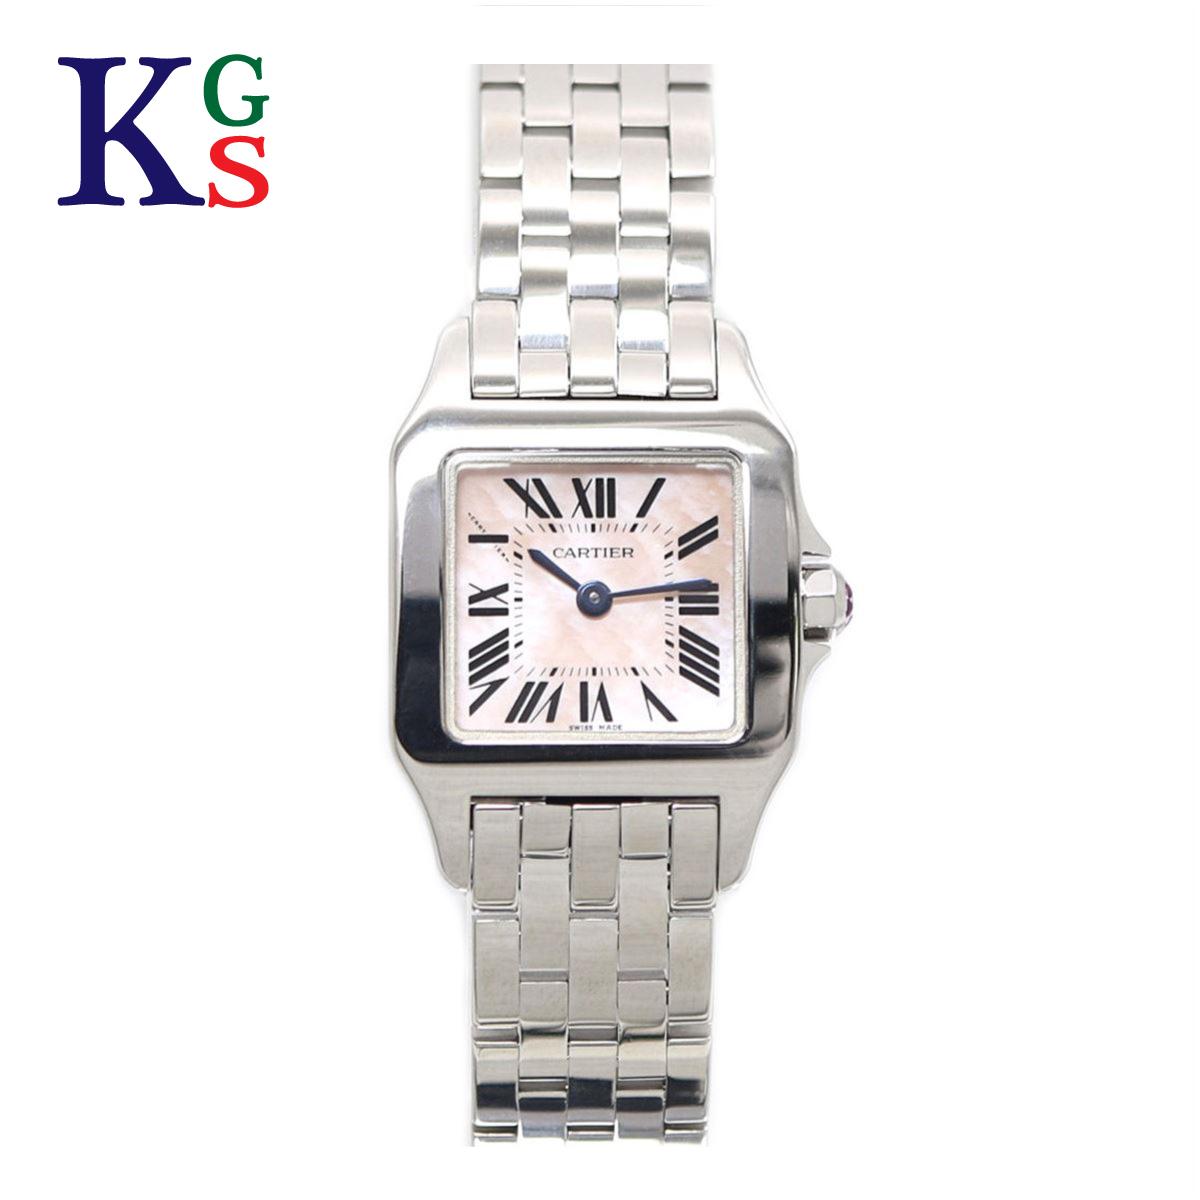 【ギフト品質】カルティエ/Cartier レディース 腕時計 サントス ドゥモワゼル SM ピンクシェル文字盤 ステンレススチール W25075Z5